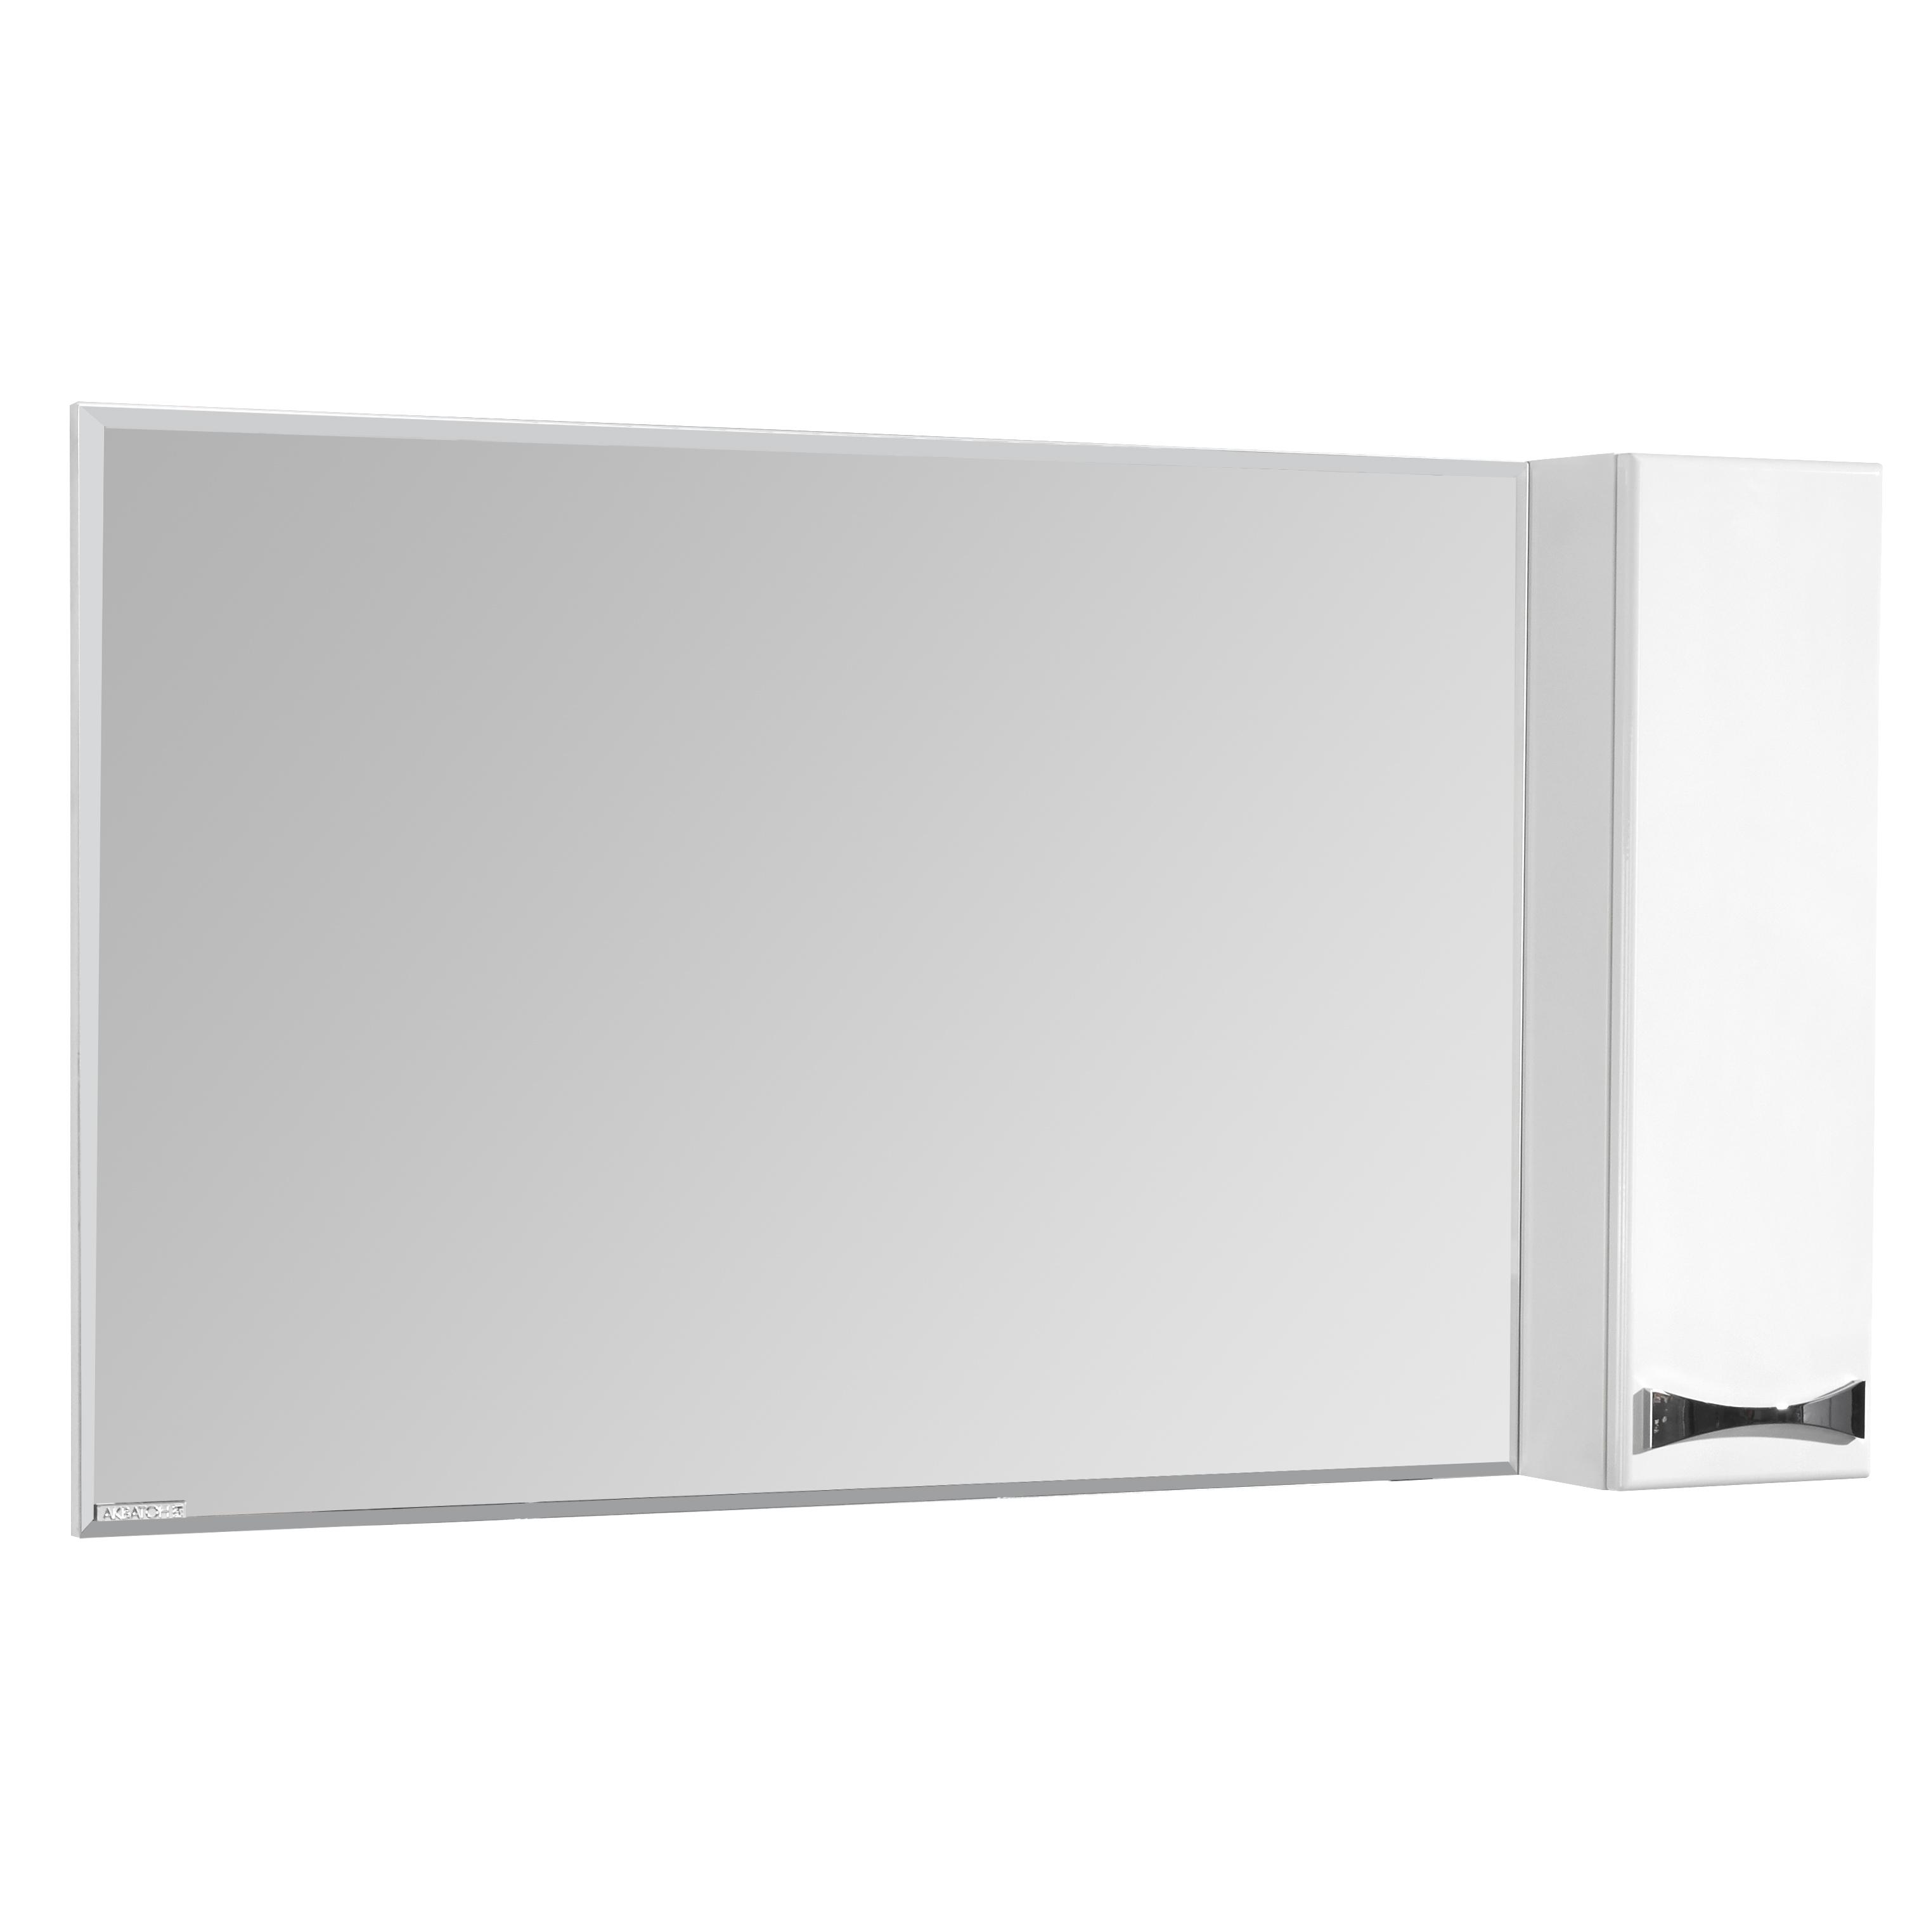 Фото 8413: Зеркало шкаф Акватон ДИОР 120 белый 1A110702DR01R